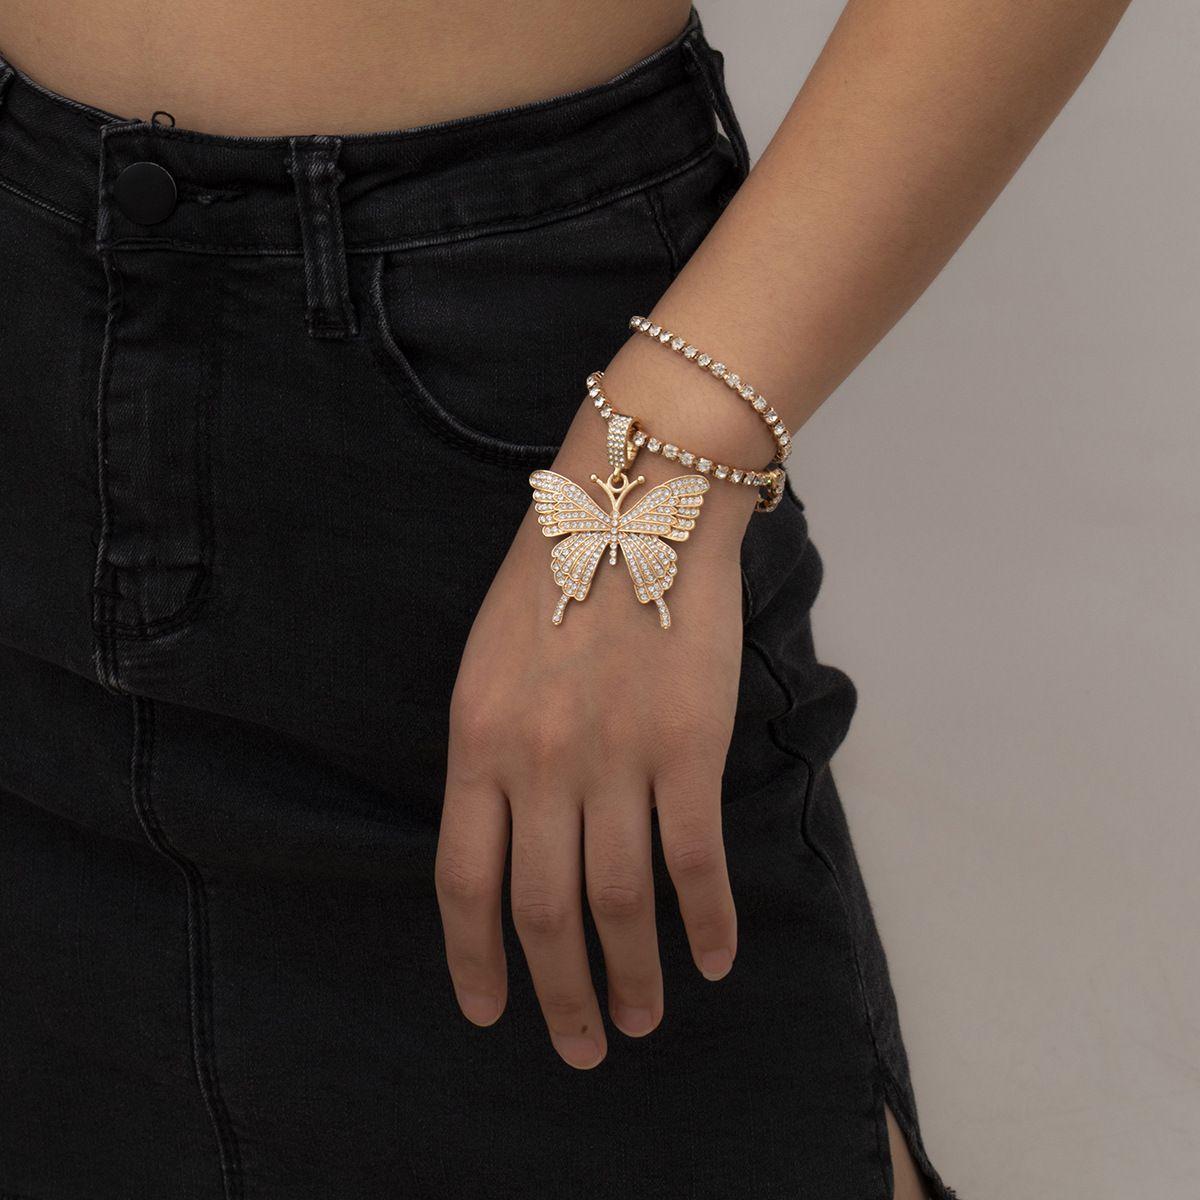 Big Braccialetto della catena di metallo di stile del punk della farfalla di cristallo per le donne femminile dell'annata dei braccialetti del collegamento del colore dell'oro dei braccialetti di modo dei braccialetti